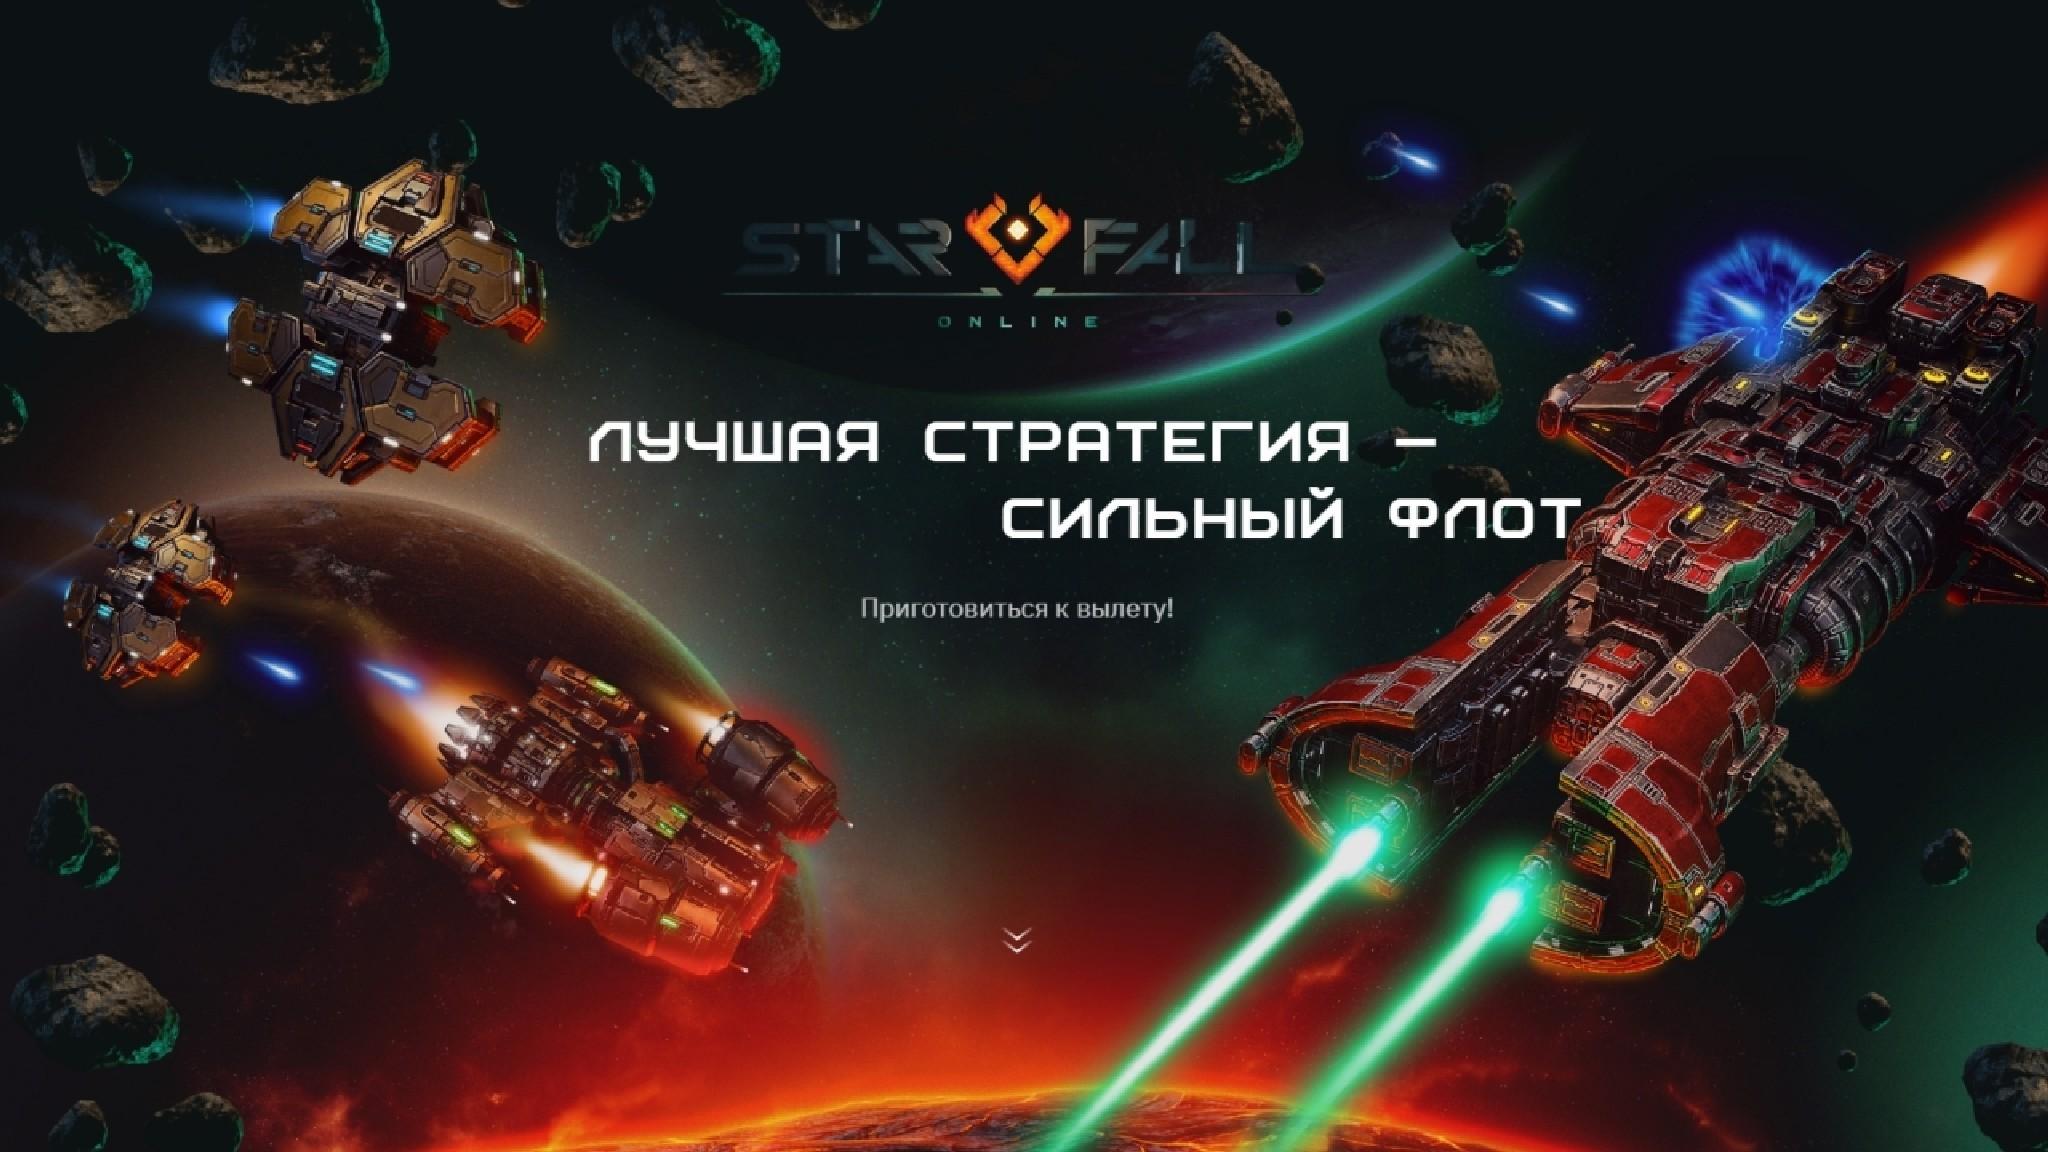 Играть Starfall Online на русском